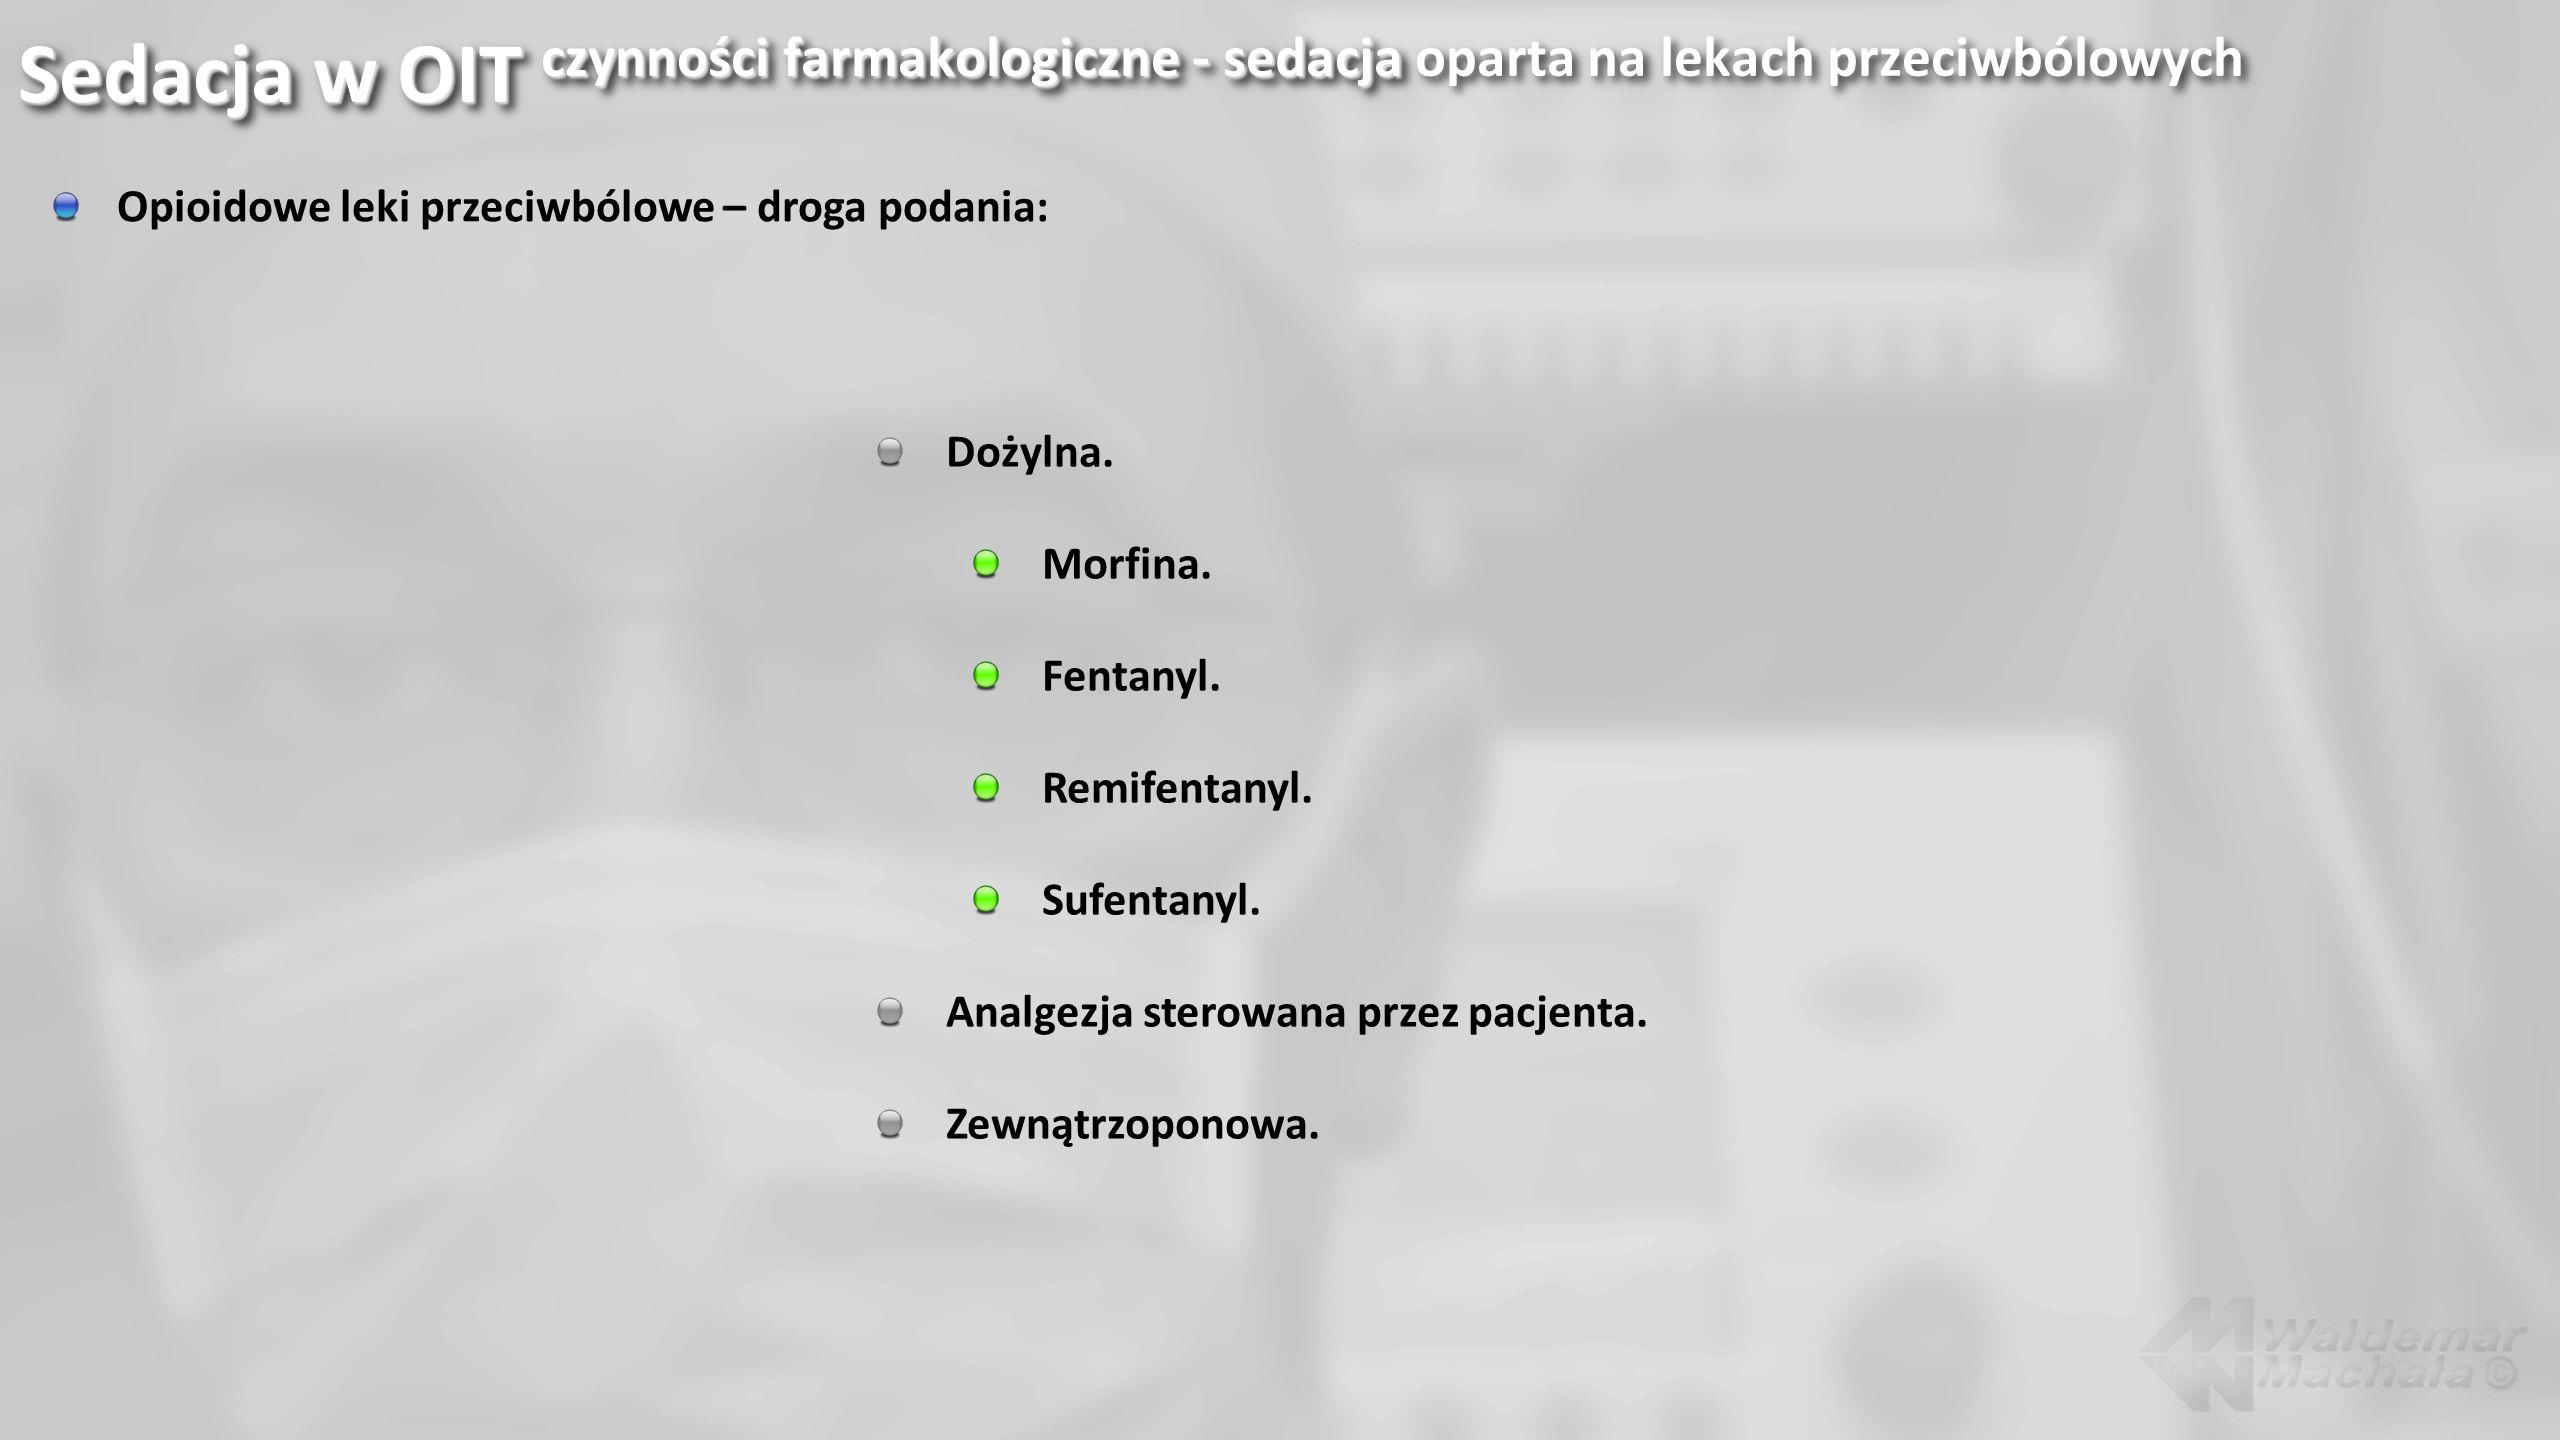 Sedacja w OIT czynności farmakologiczne - sedacja oparta na lekach przeciwbólowych